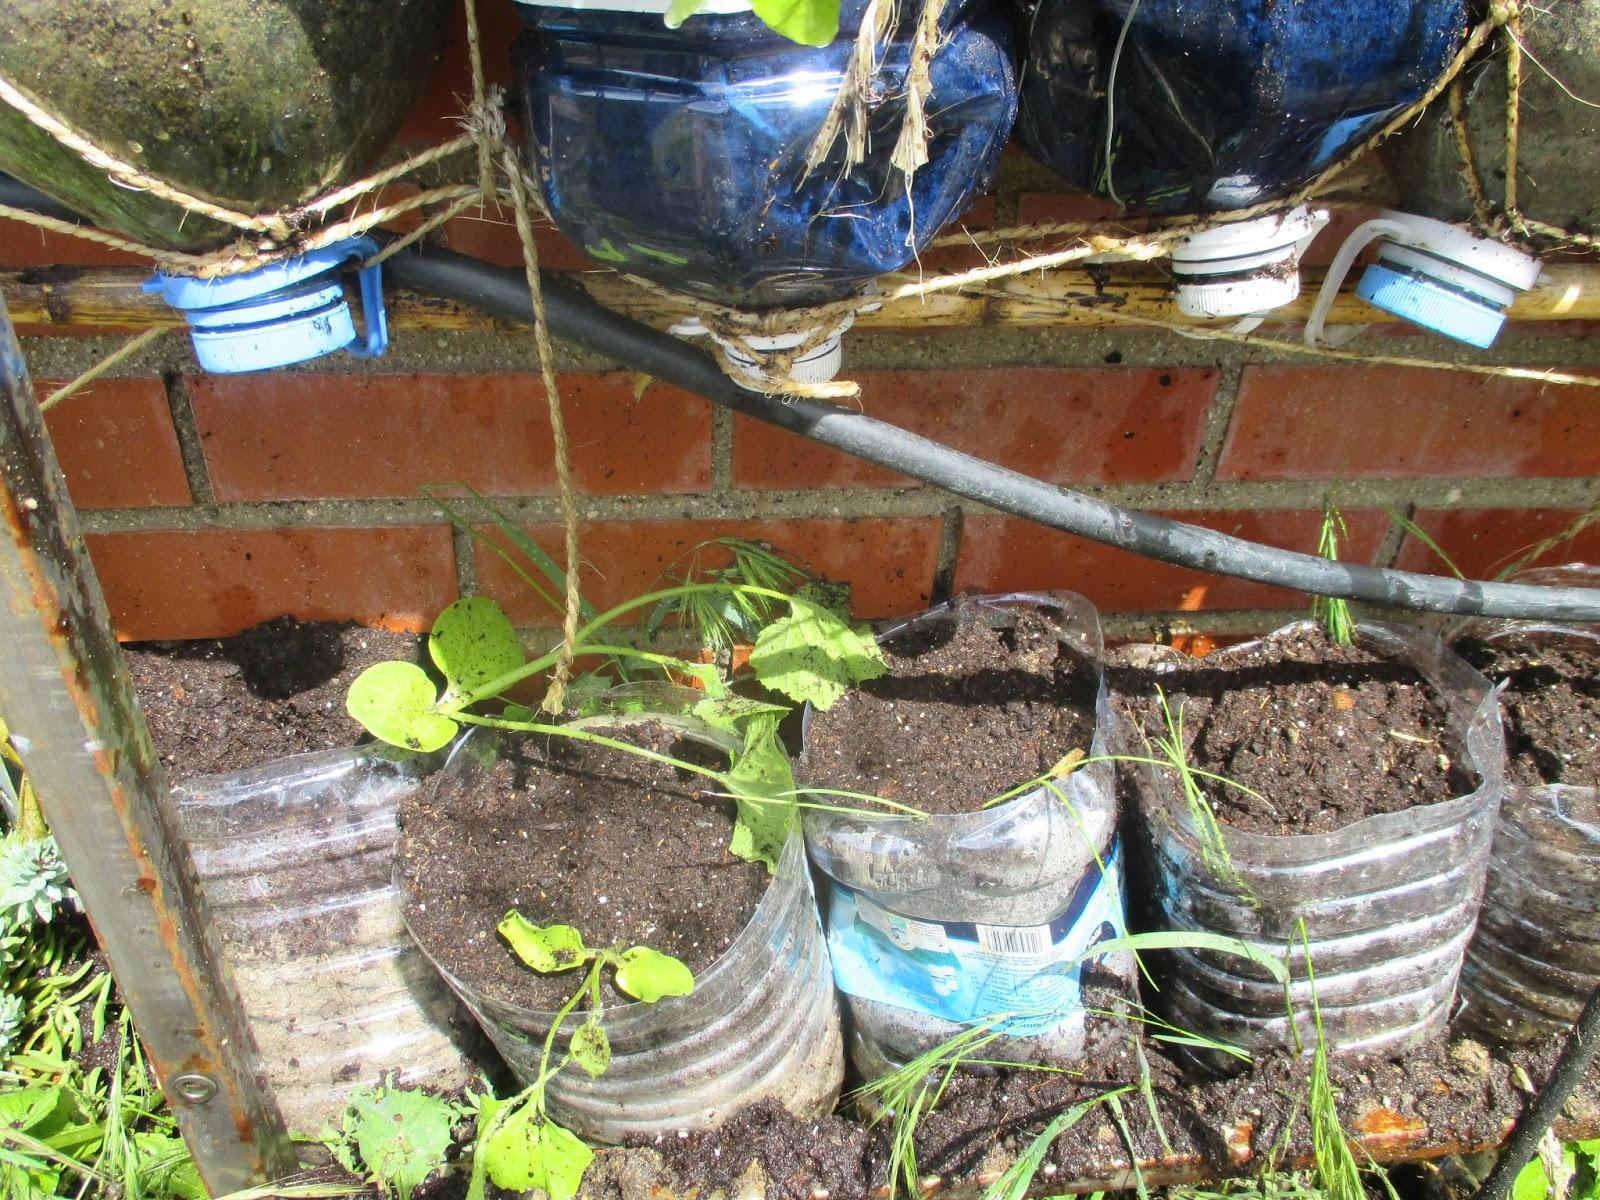 Planta huerto planta pulgones huerto ecologico hortalizas for Plantas beneficiosas para el huerto